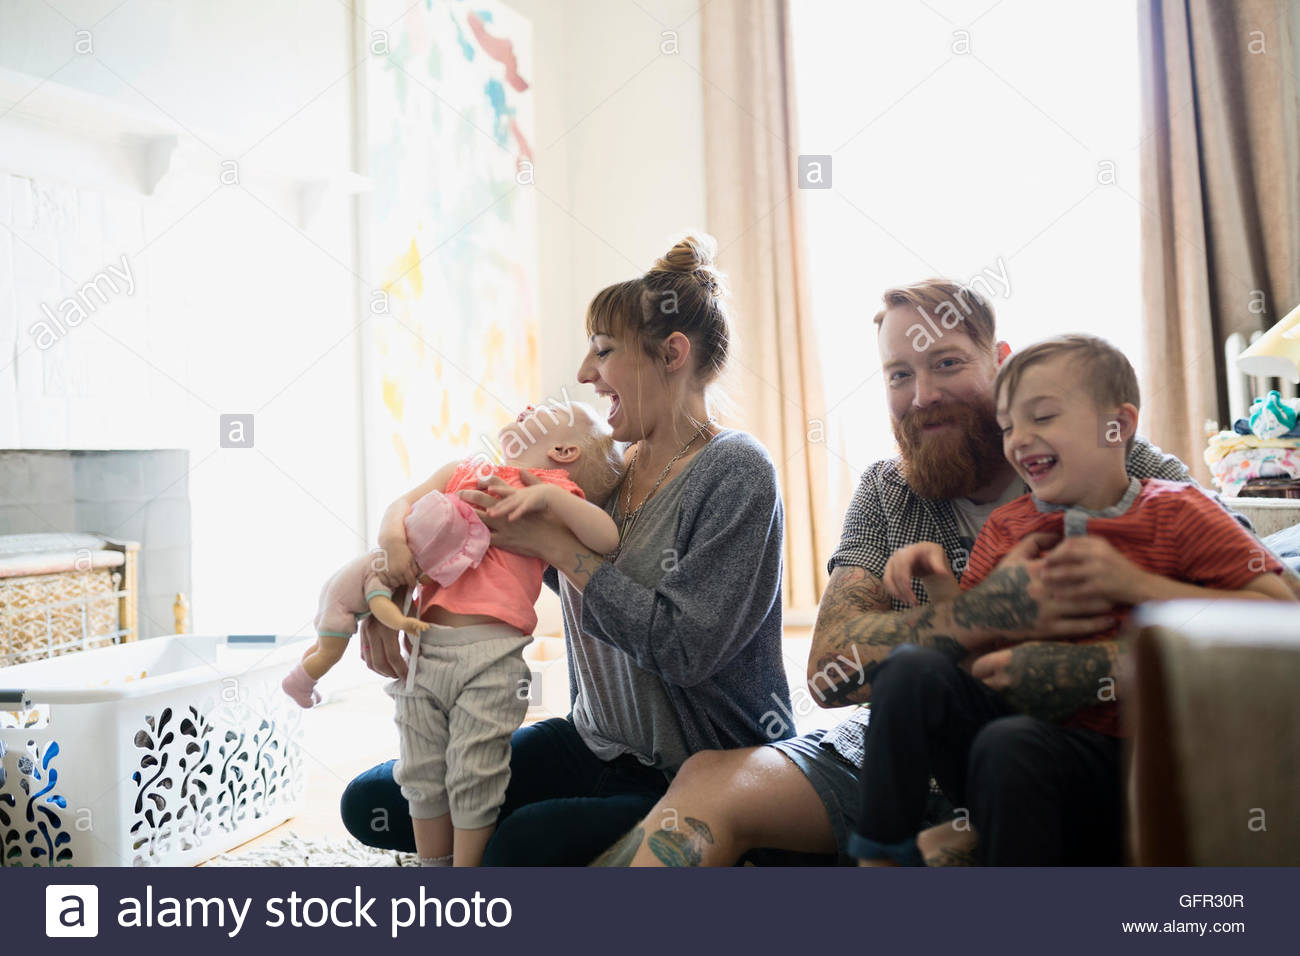 Glückliche junge Familie im Wohnzimmer Stockbild